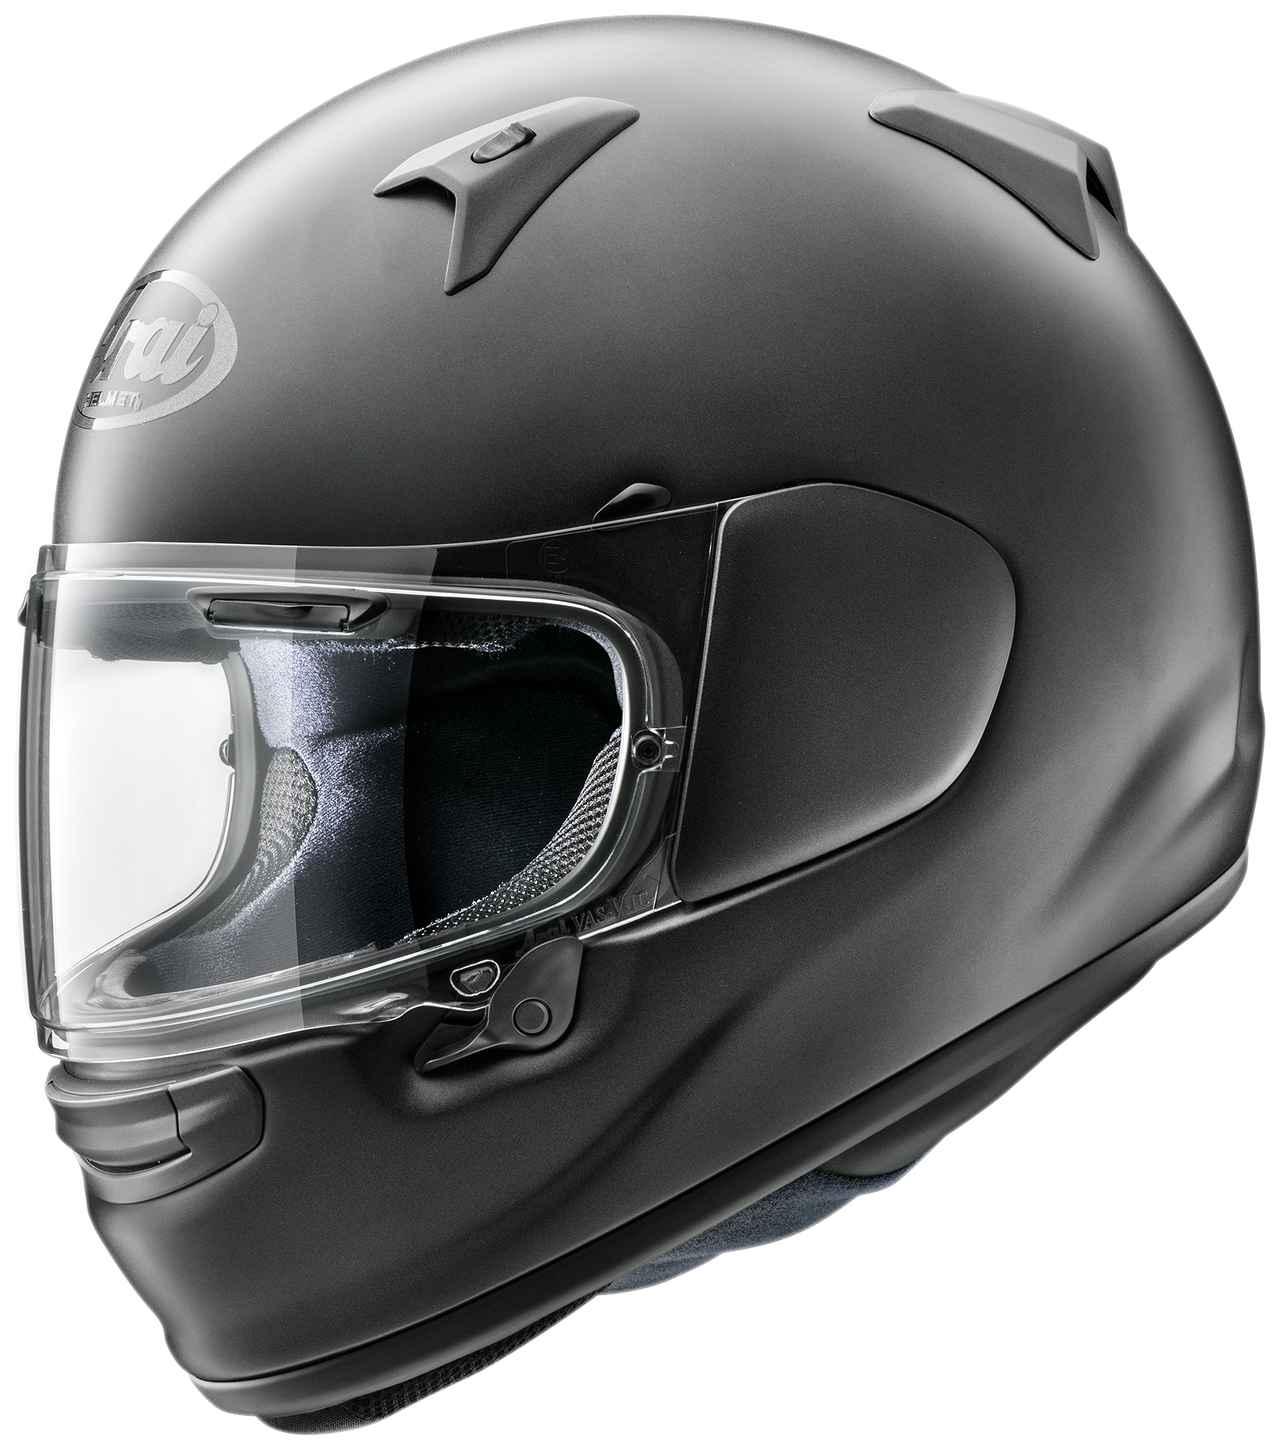 画像2: ツーリングに特化したアライの新型フルフェイスヘルメット「アストロ GX」誕生! ニューフォルムの採用、内装も新開発!